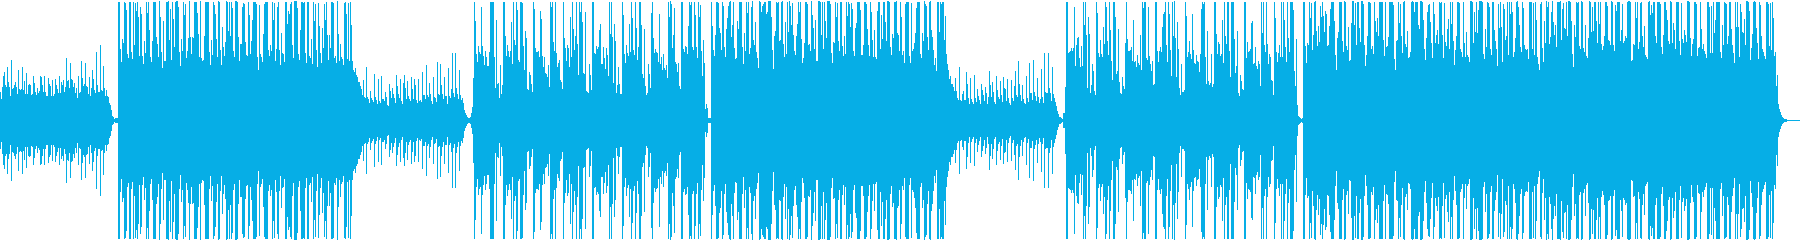 ベルを使ったダークハロウィンヒップホップの再生済みの波形